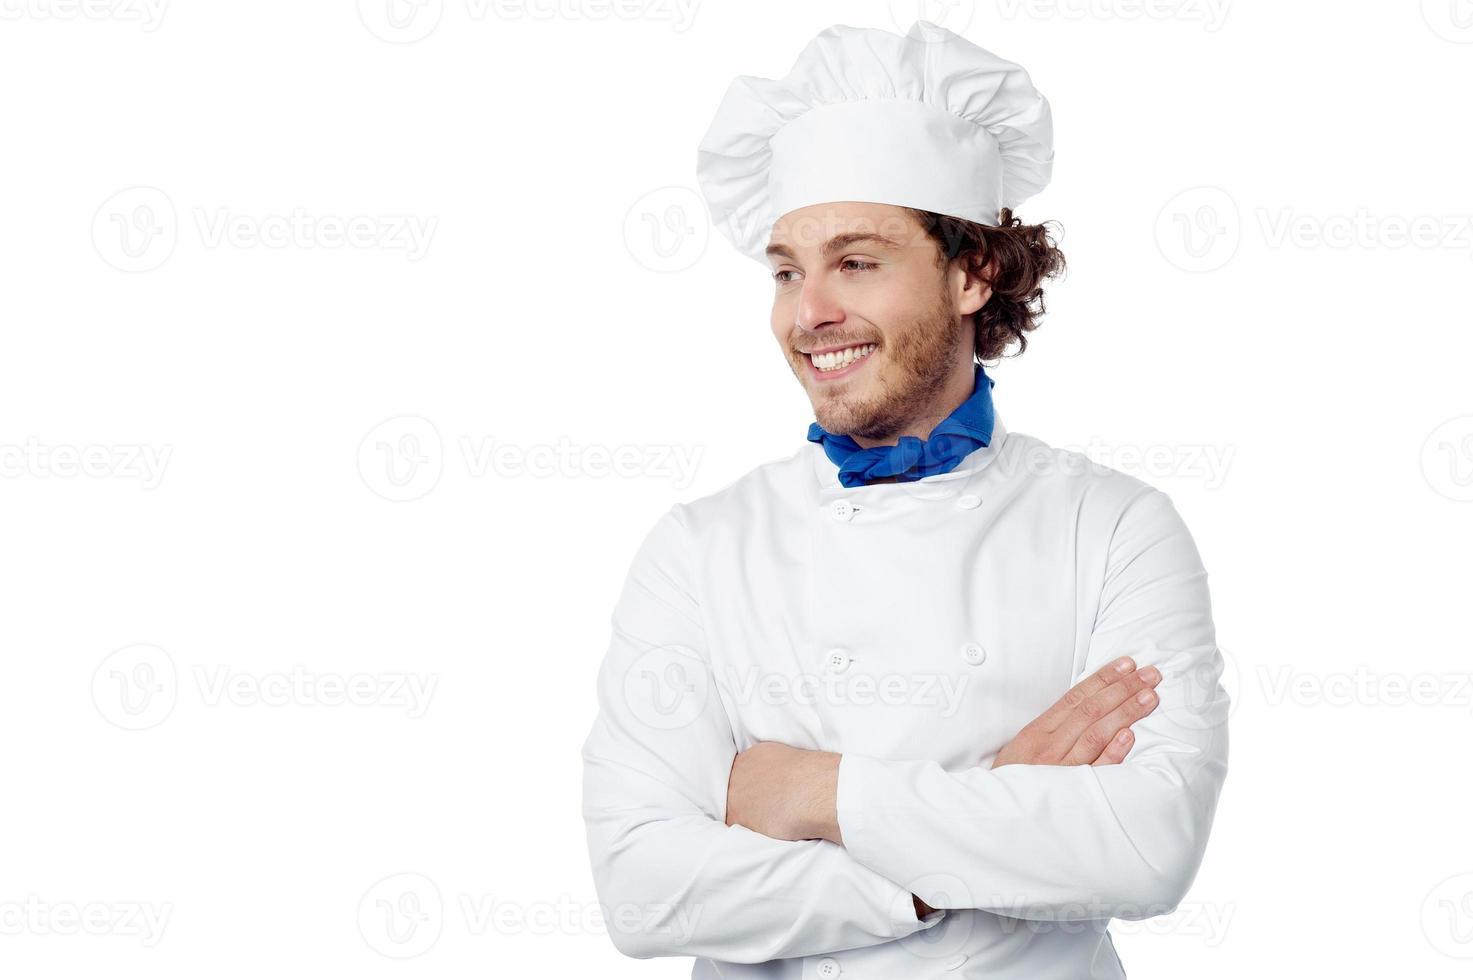 lachende jonge mannelijke chef vol vertrouwen poseren foto